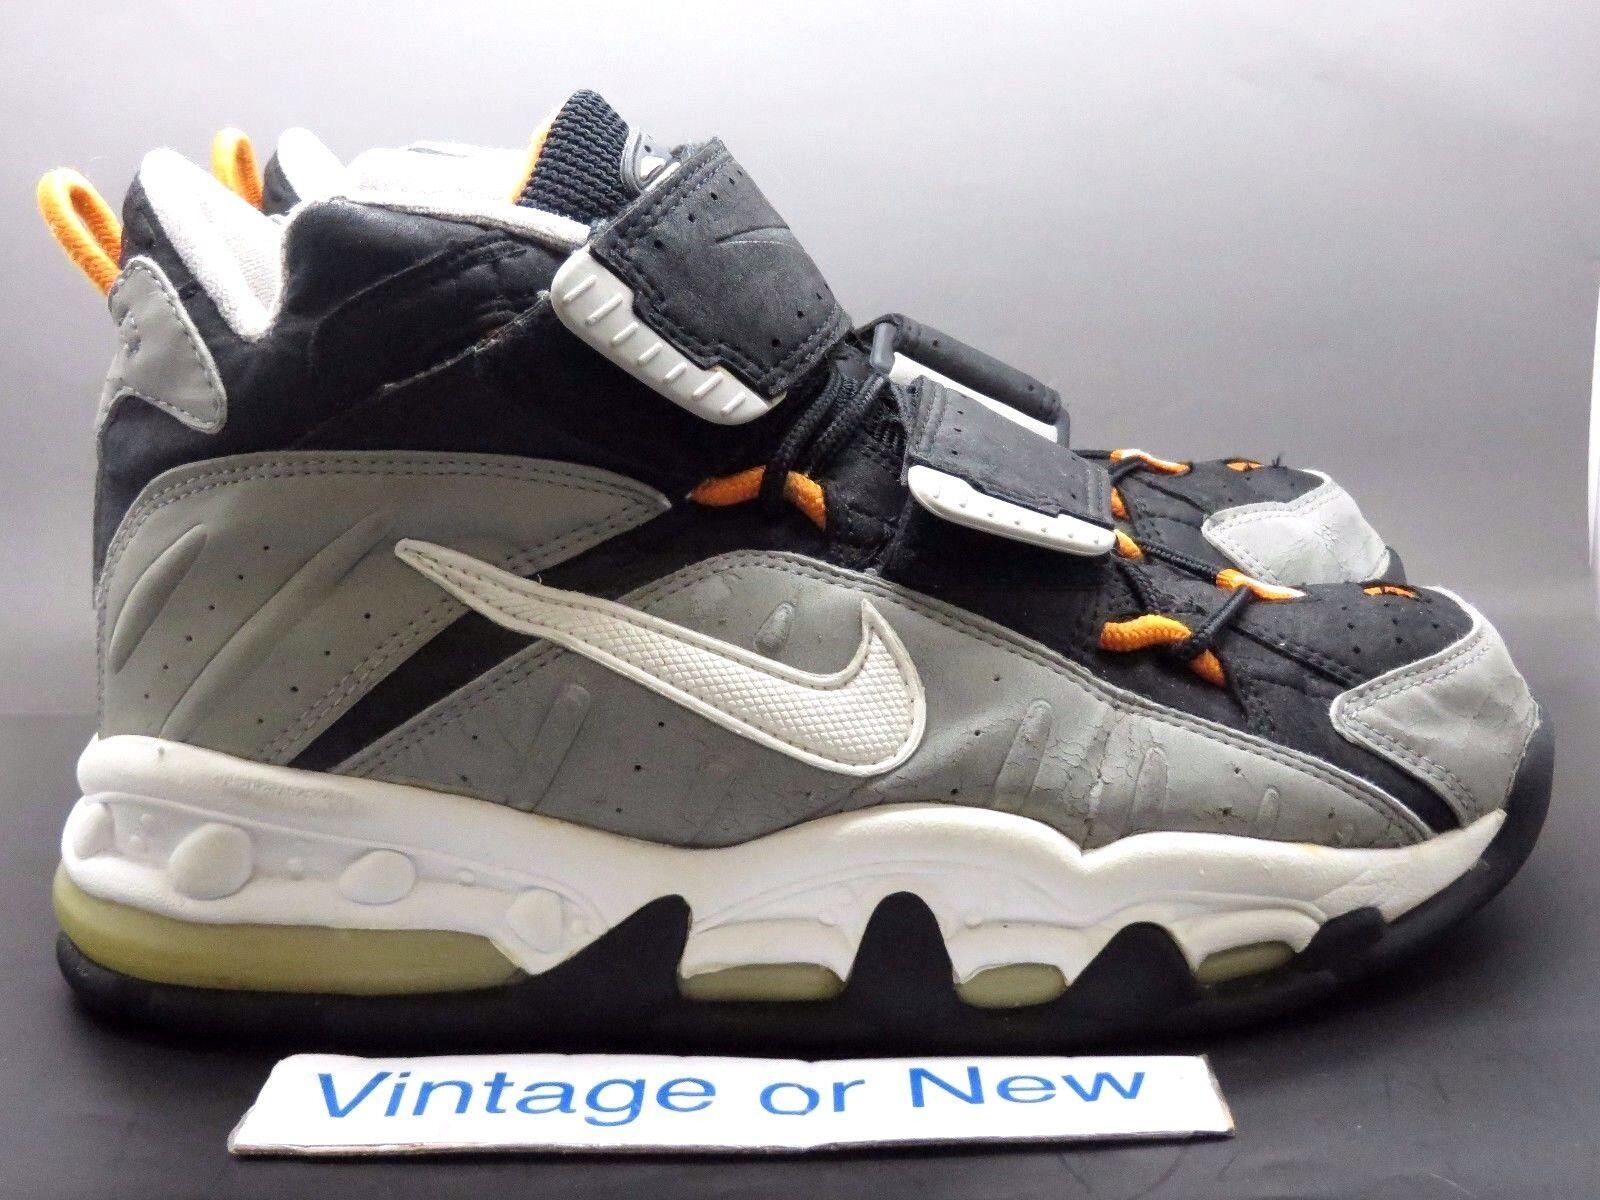 Nike air max uomini tutta muscoli bianco nero grigio perla 1996 sz